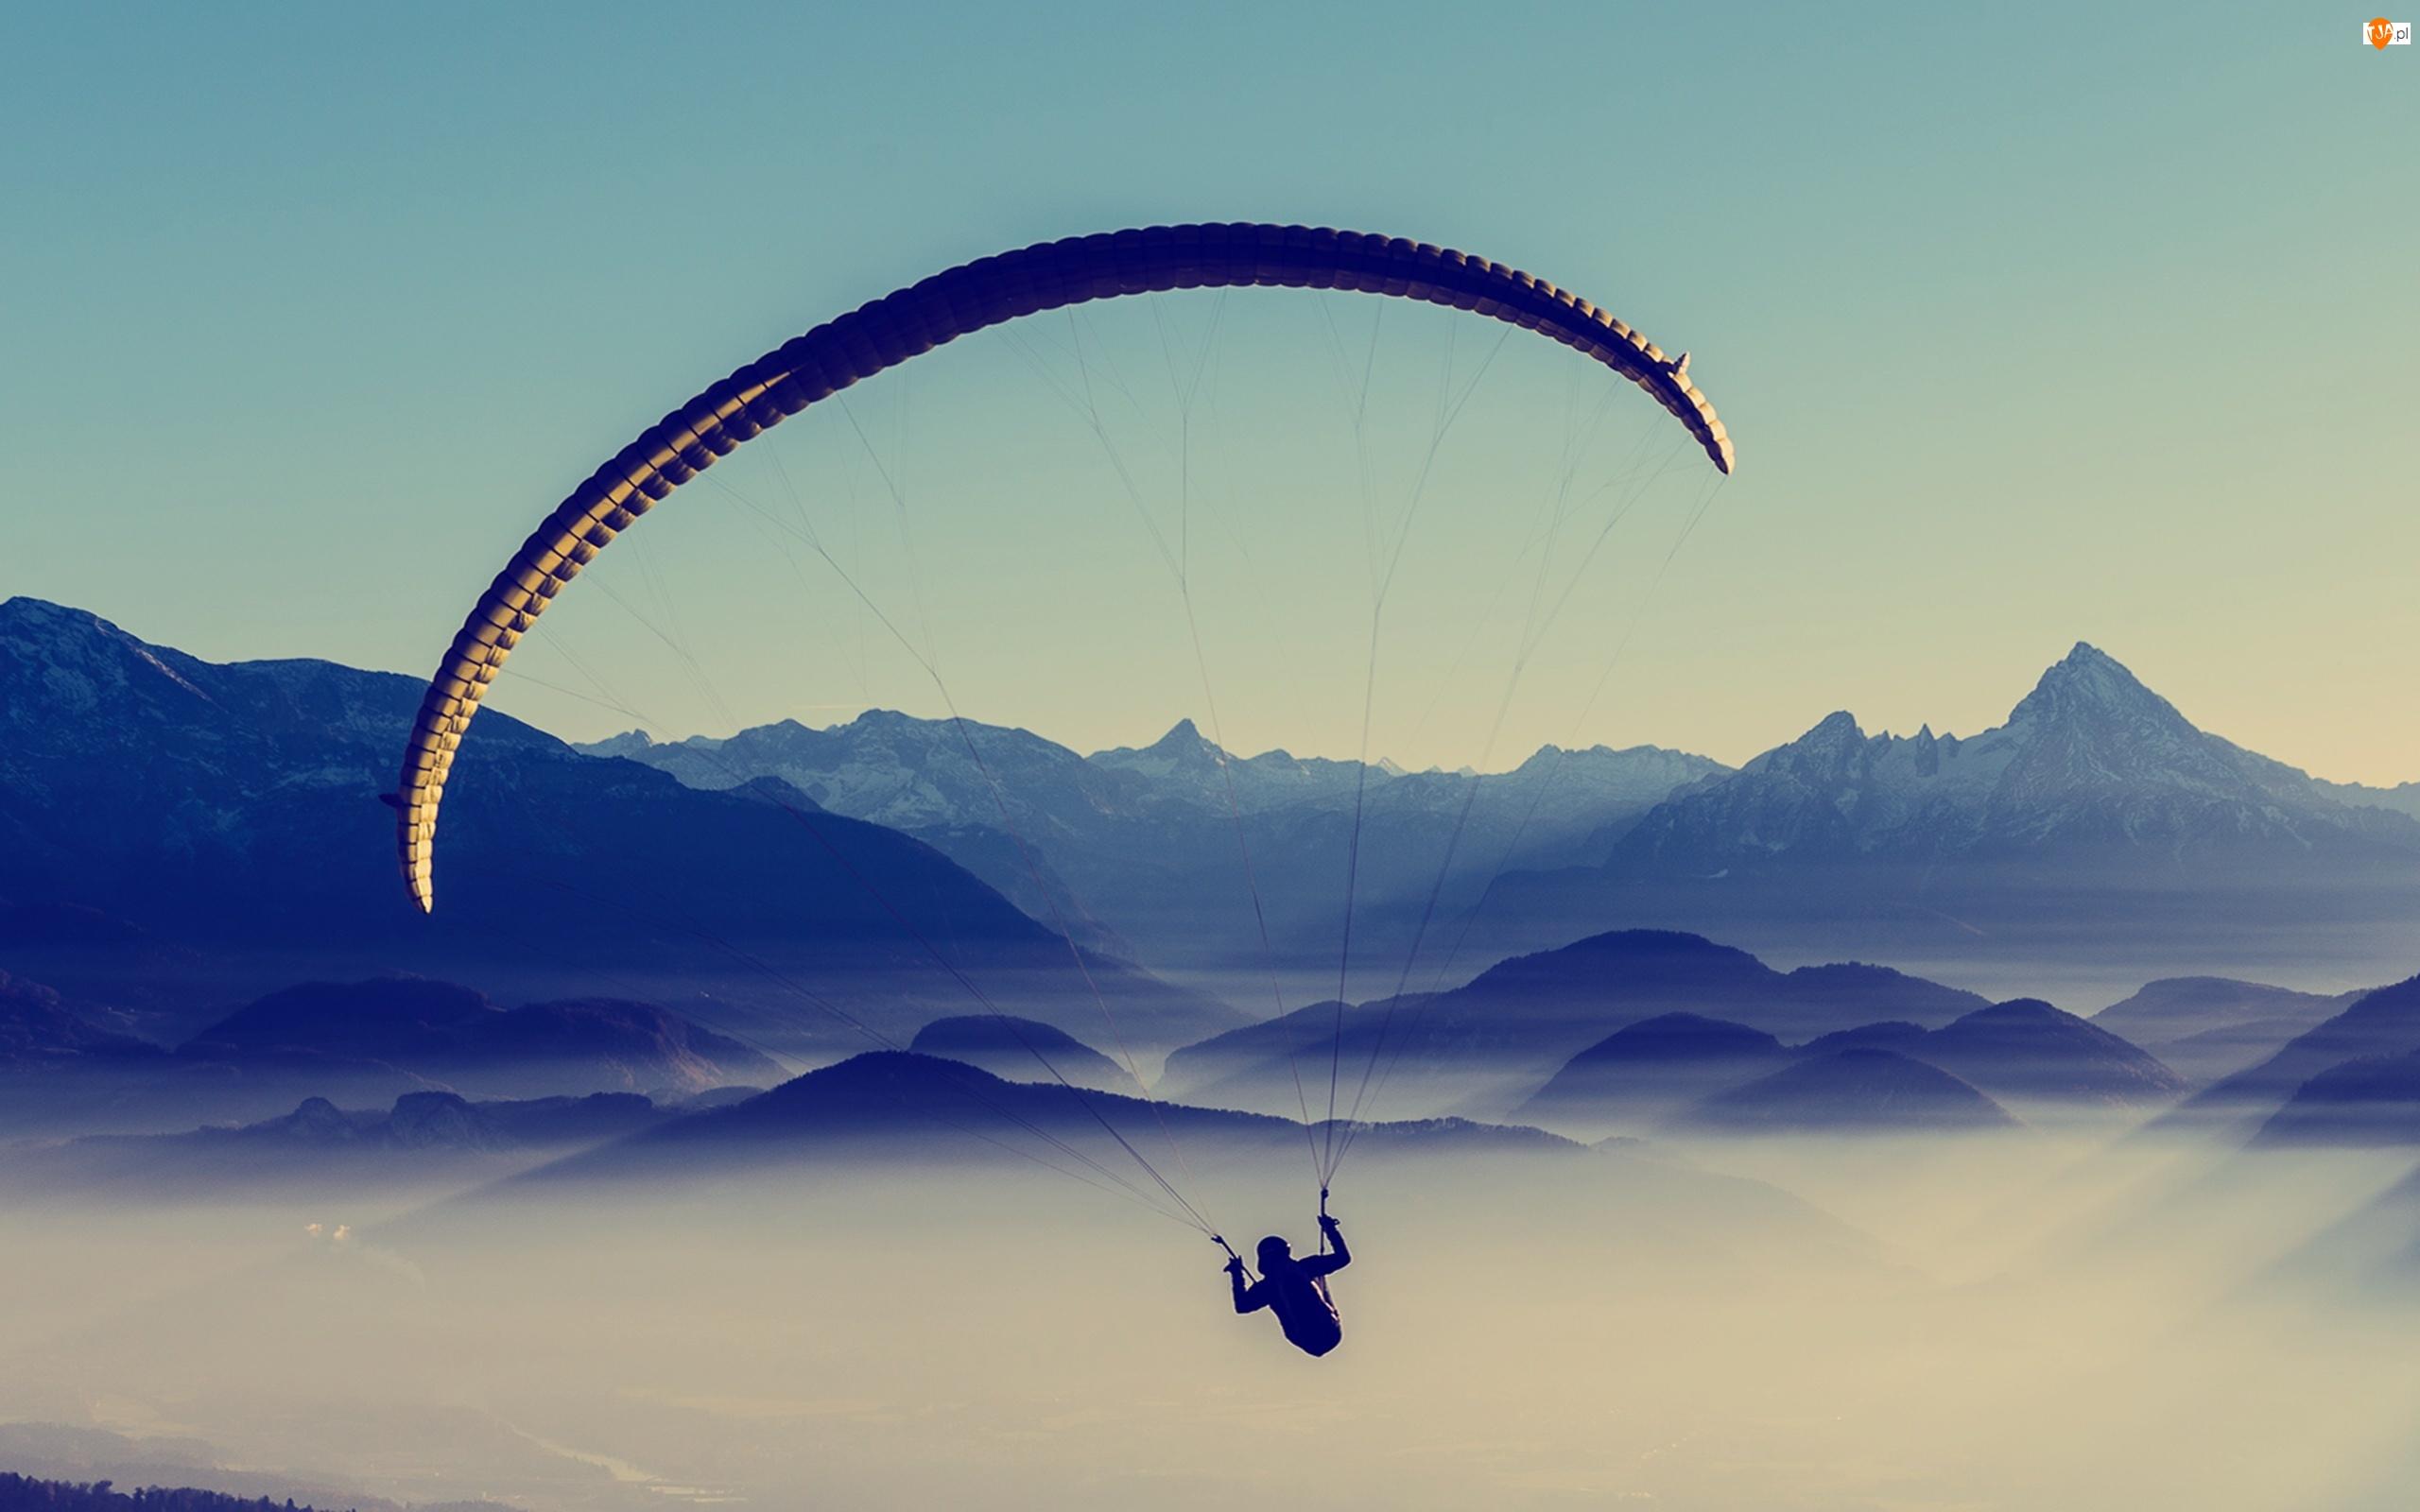 Góry, Widok, Paralotniarz, Paralotniarstwo